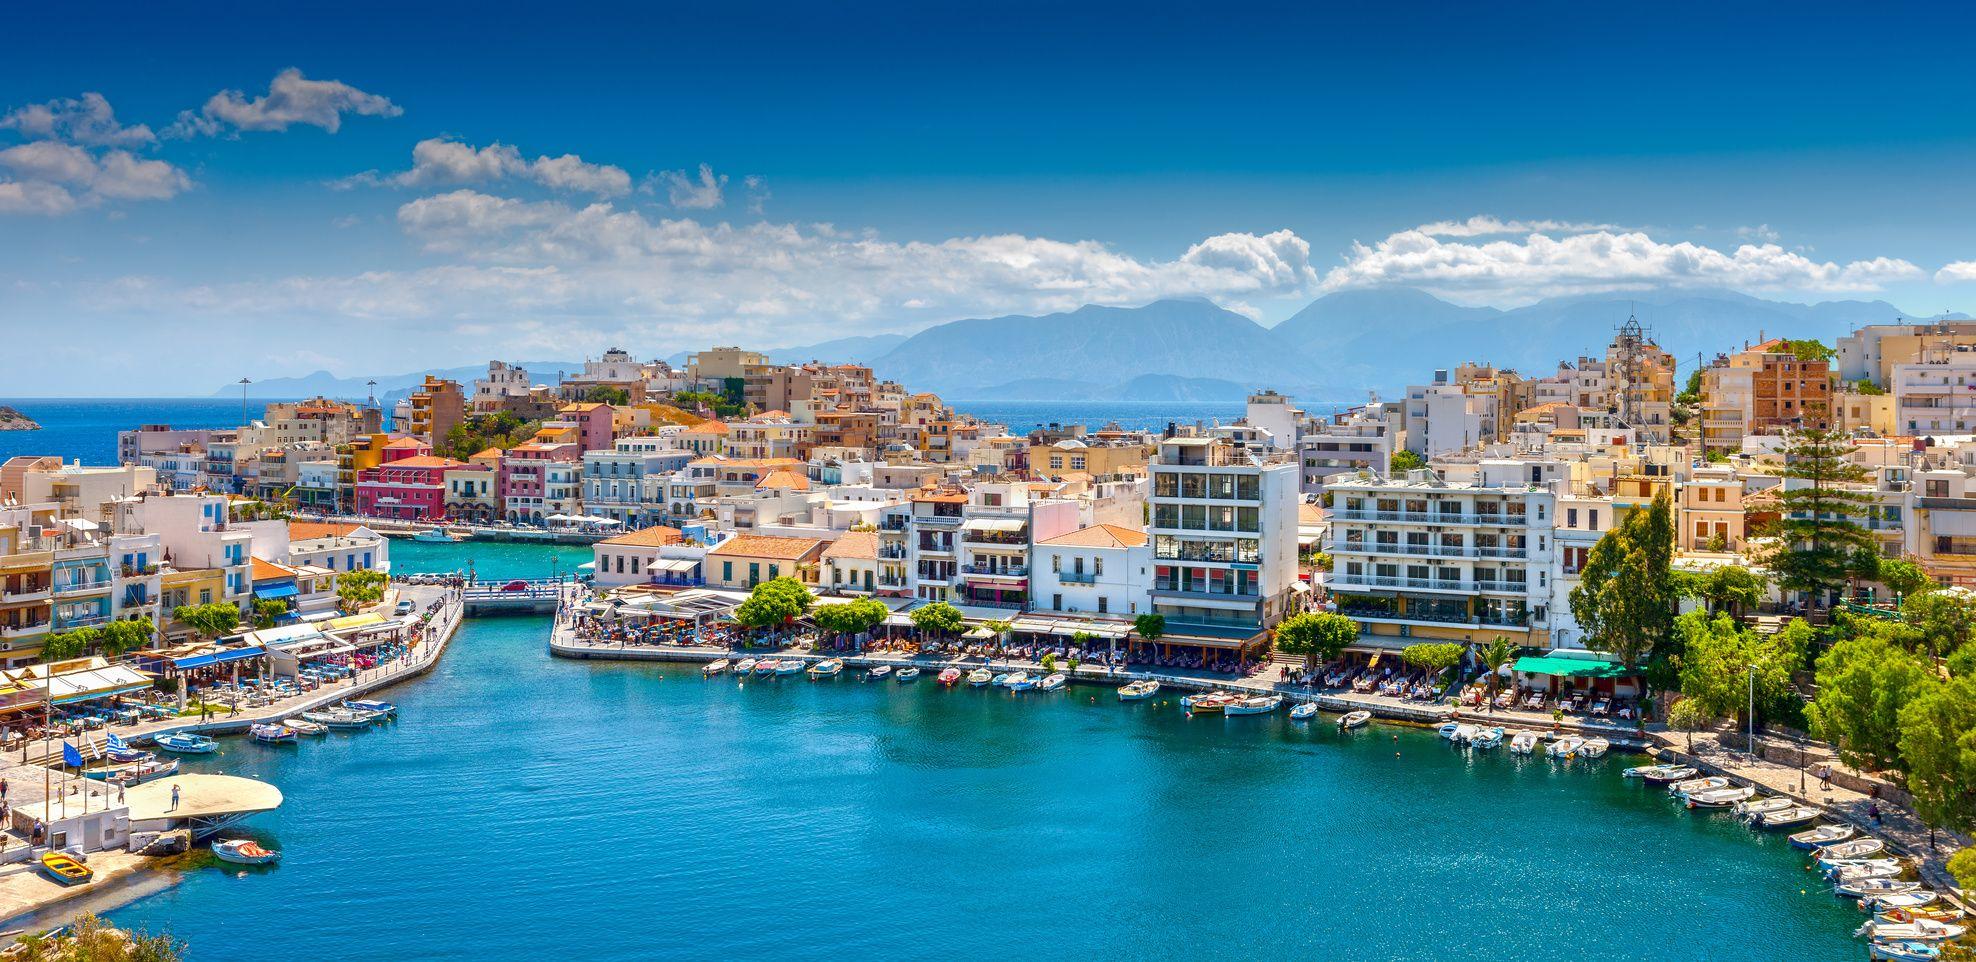 Άγιος Νικόλαος: Το ελληνικό «διαμάντι» της Μεσογείου